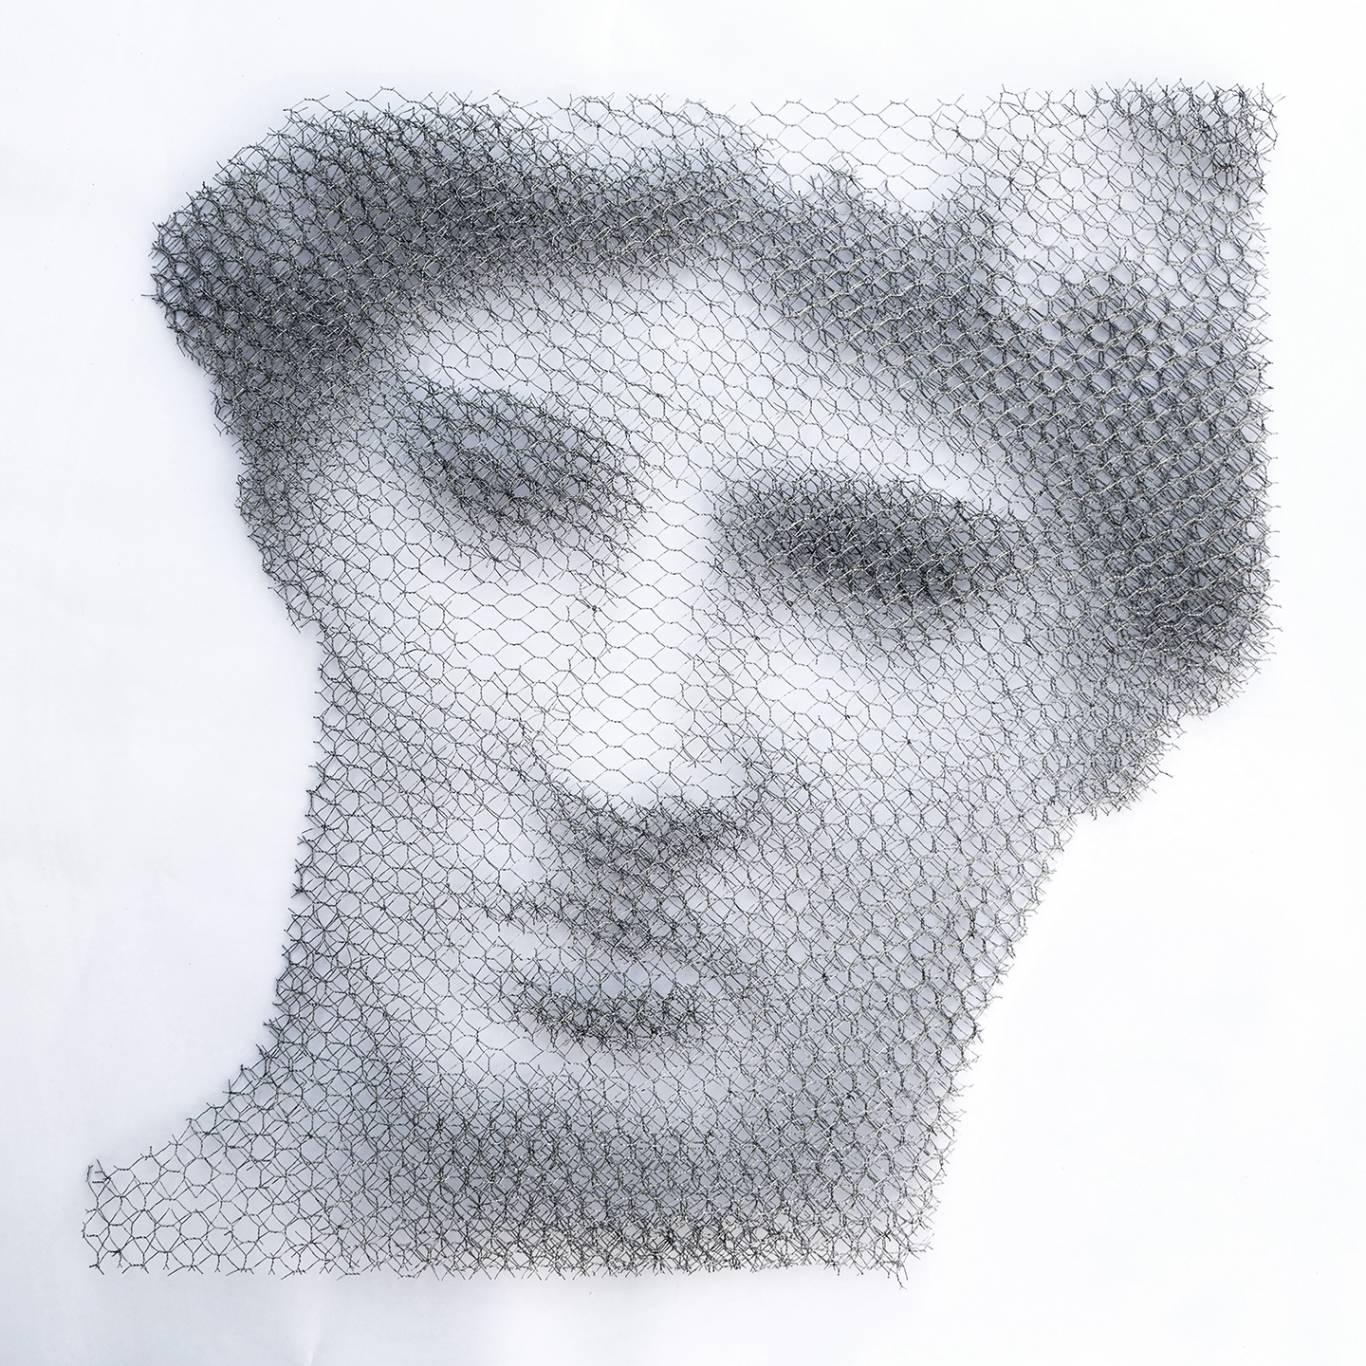 Giorgio-Tentolini,-Athena-Lemnia-1,-2017,-cm-70-x-70,-reti-intagliate-a-mano-e-sovrapposte-a-fondale-bianco